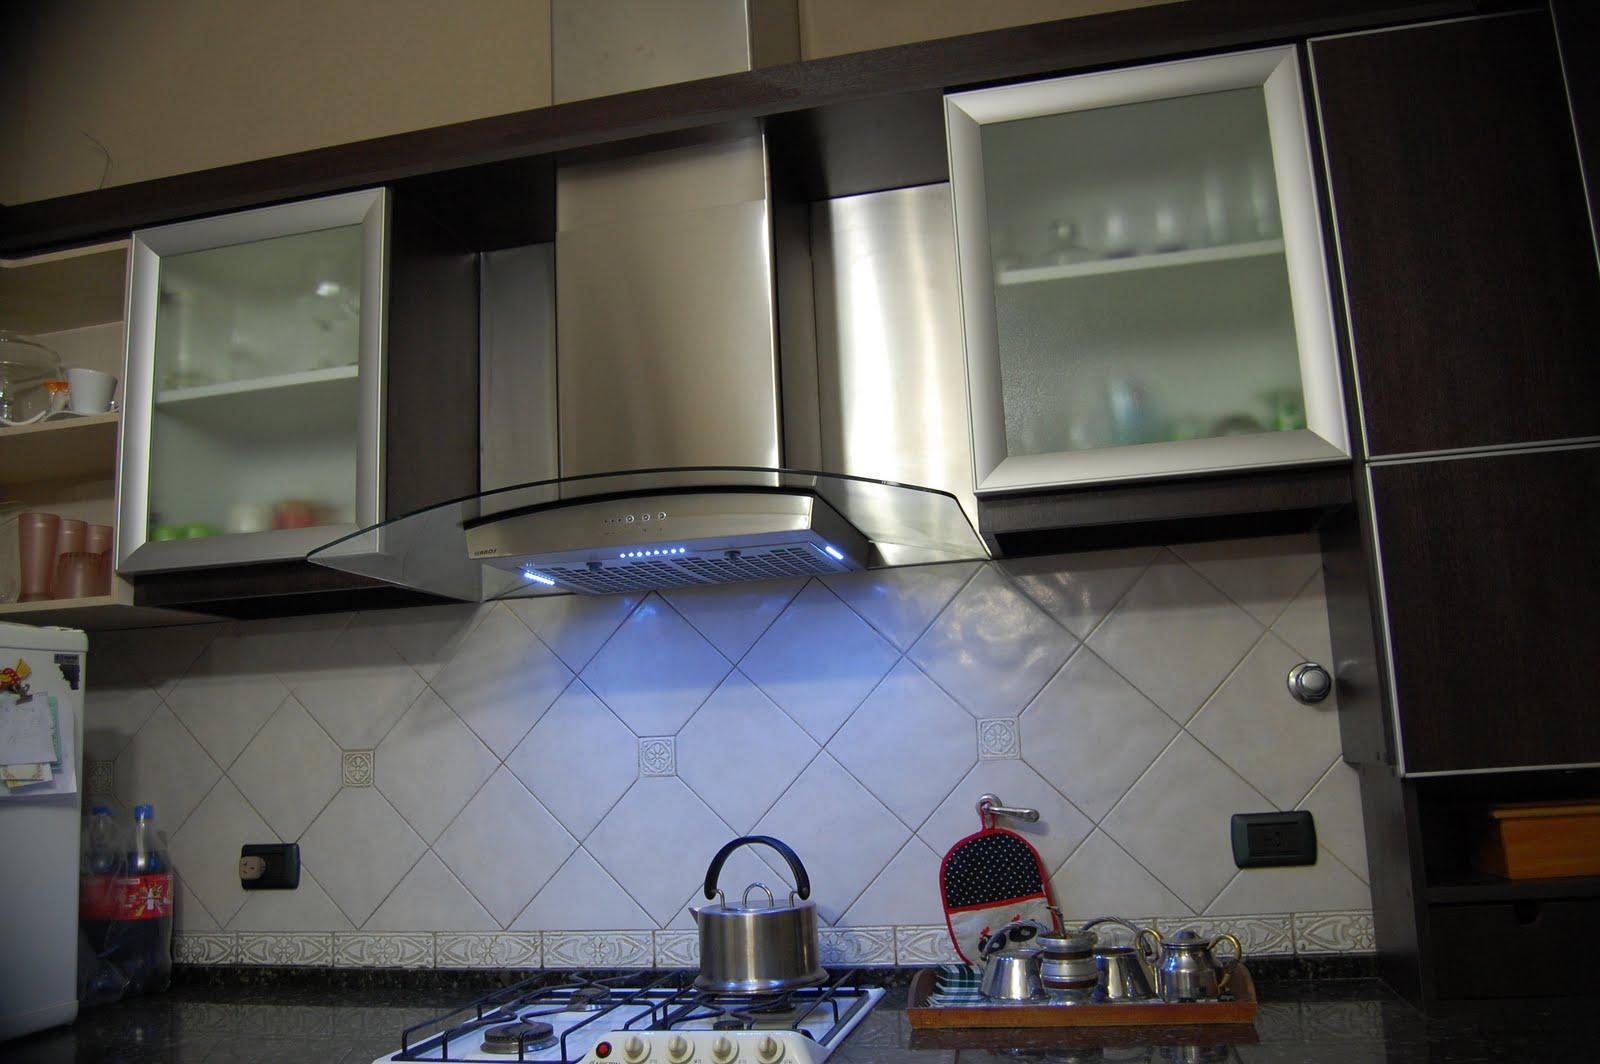 fotos de muebles de cocina de roble - Muebles de Cocina Actuales Que Muebles Utilizar